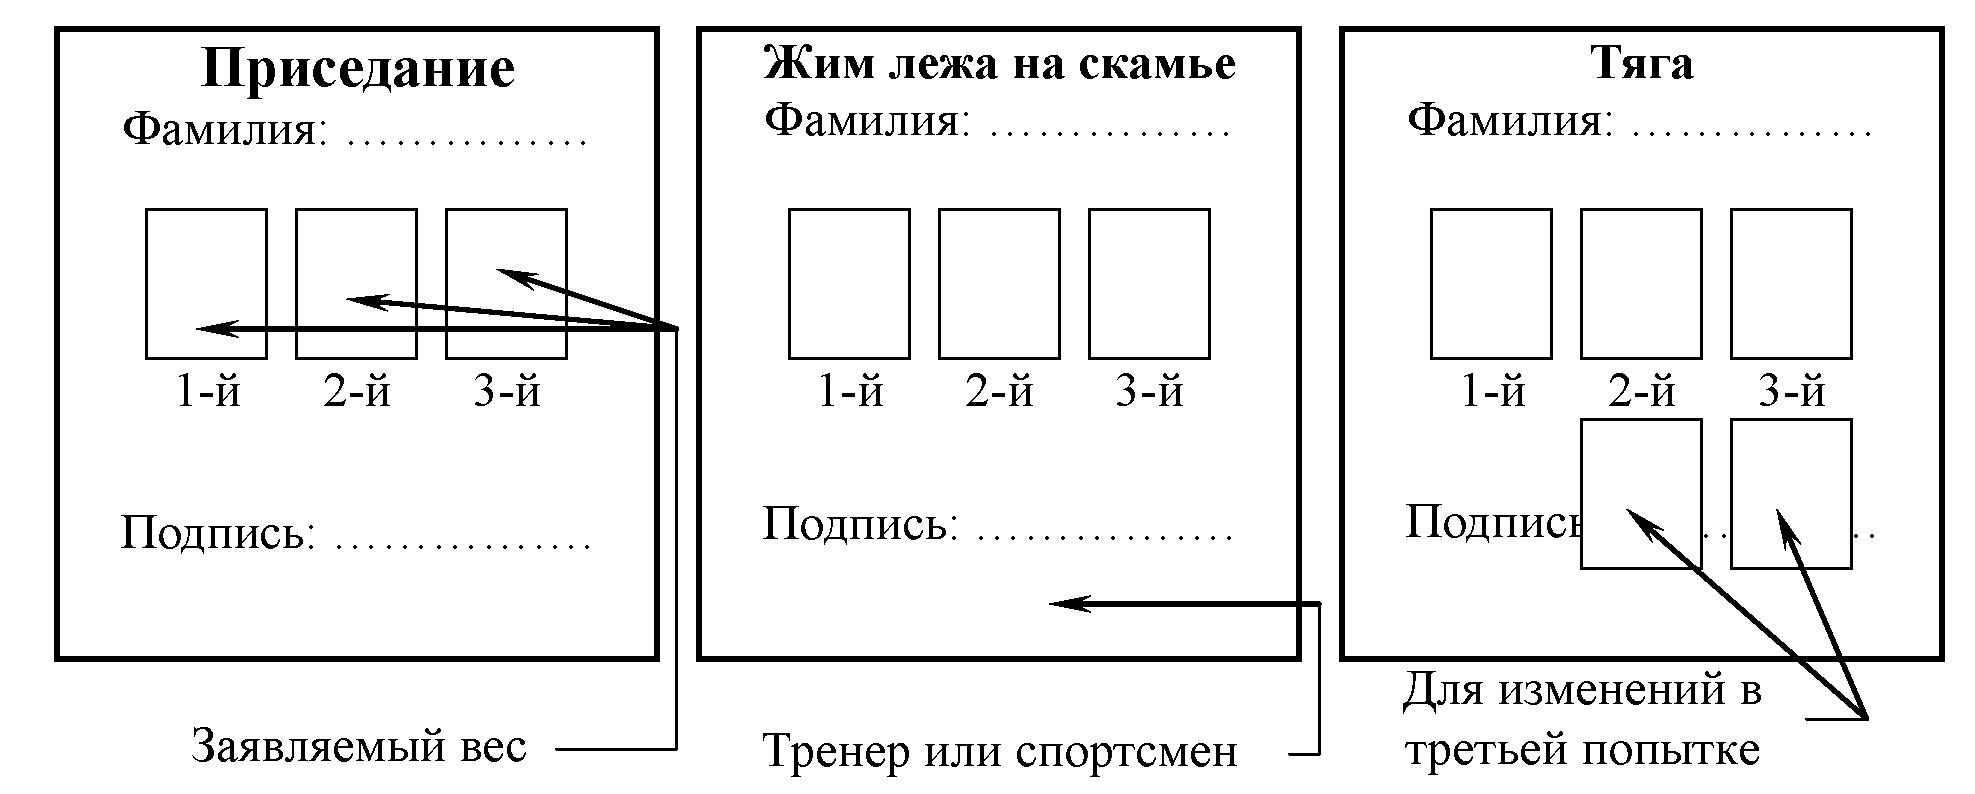 тинькофф банк кредит номер телефона